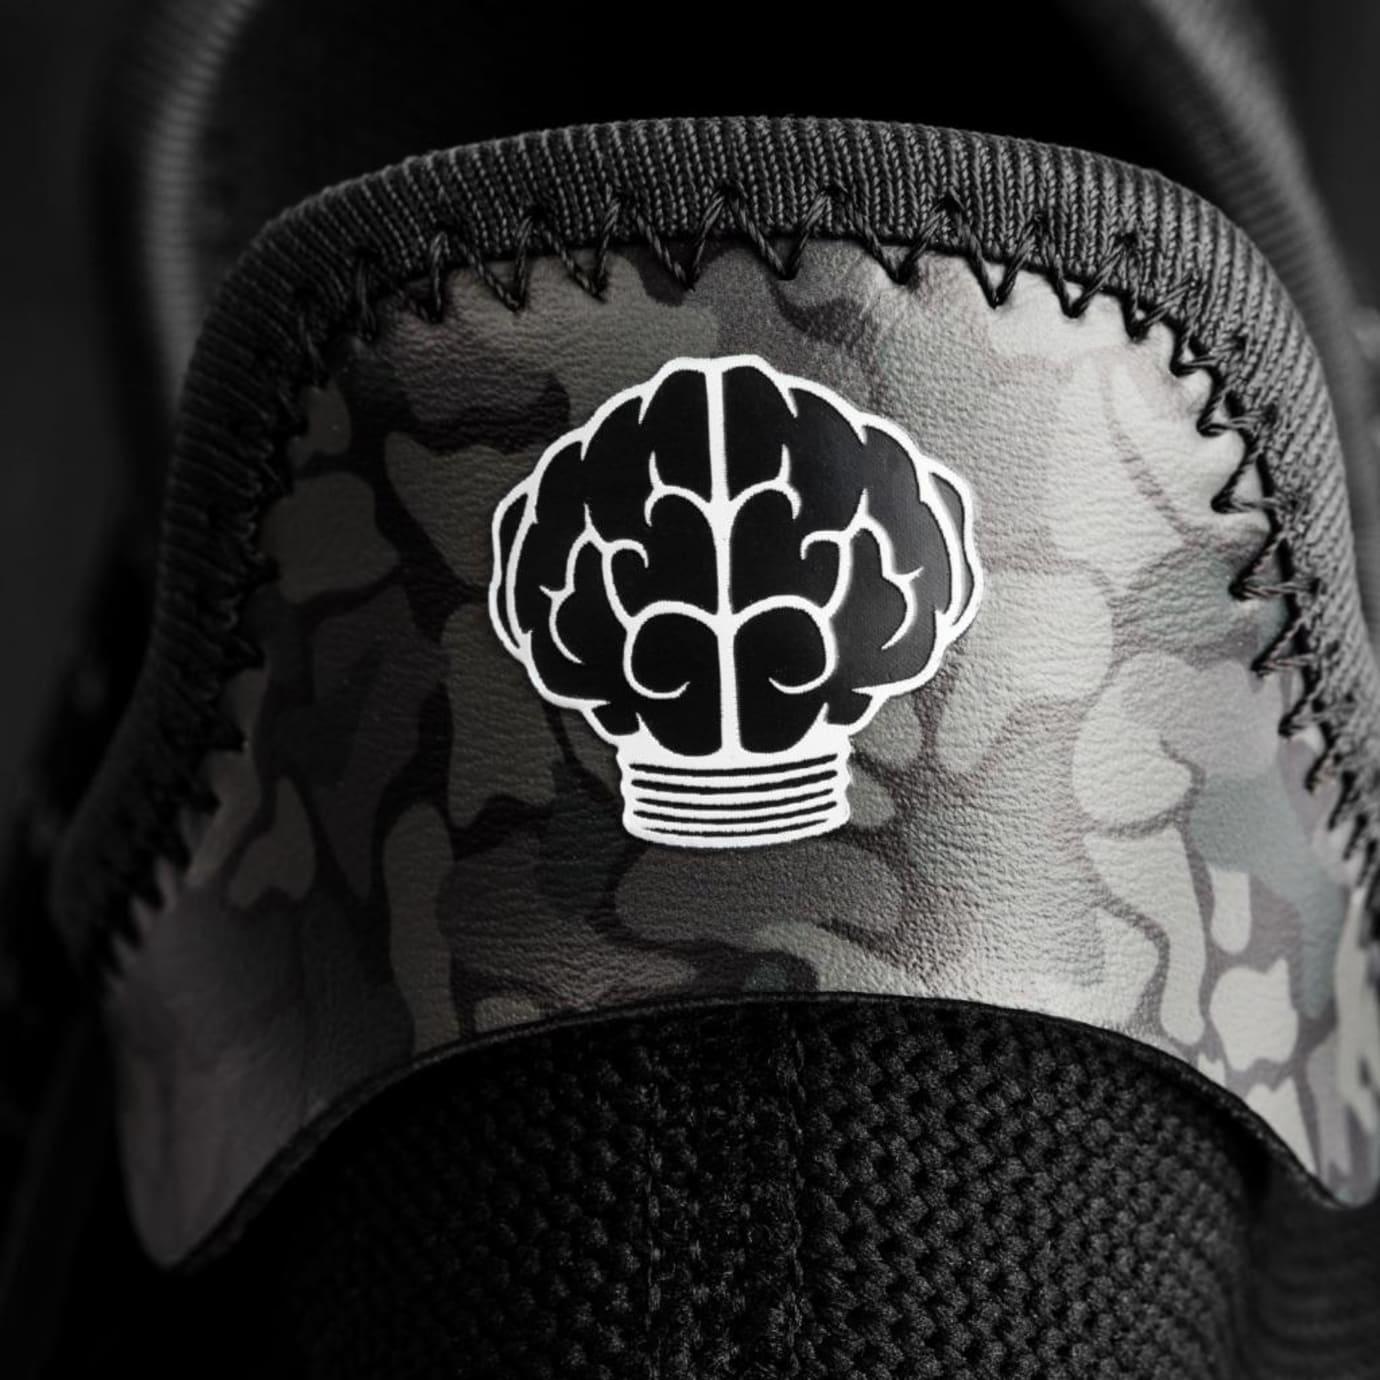 NERD Pharrell Adidas NMD HU ComplexCon Exclusive Release Date Heel